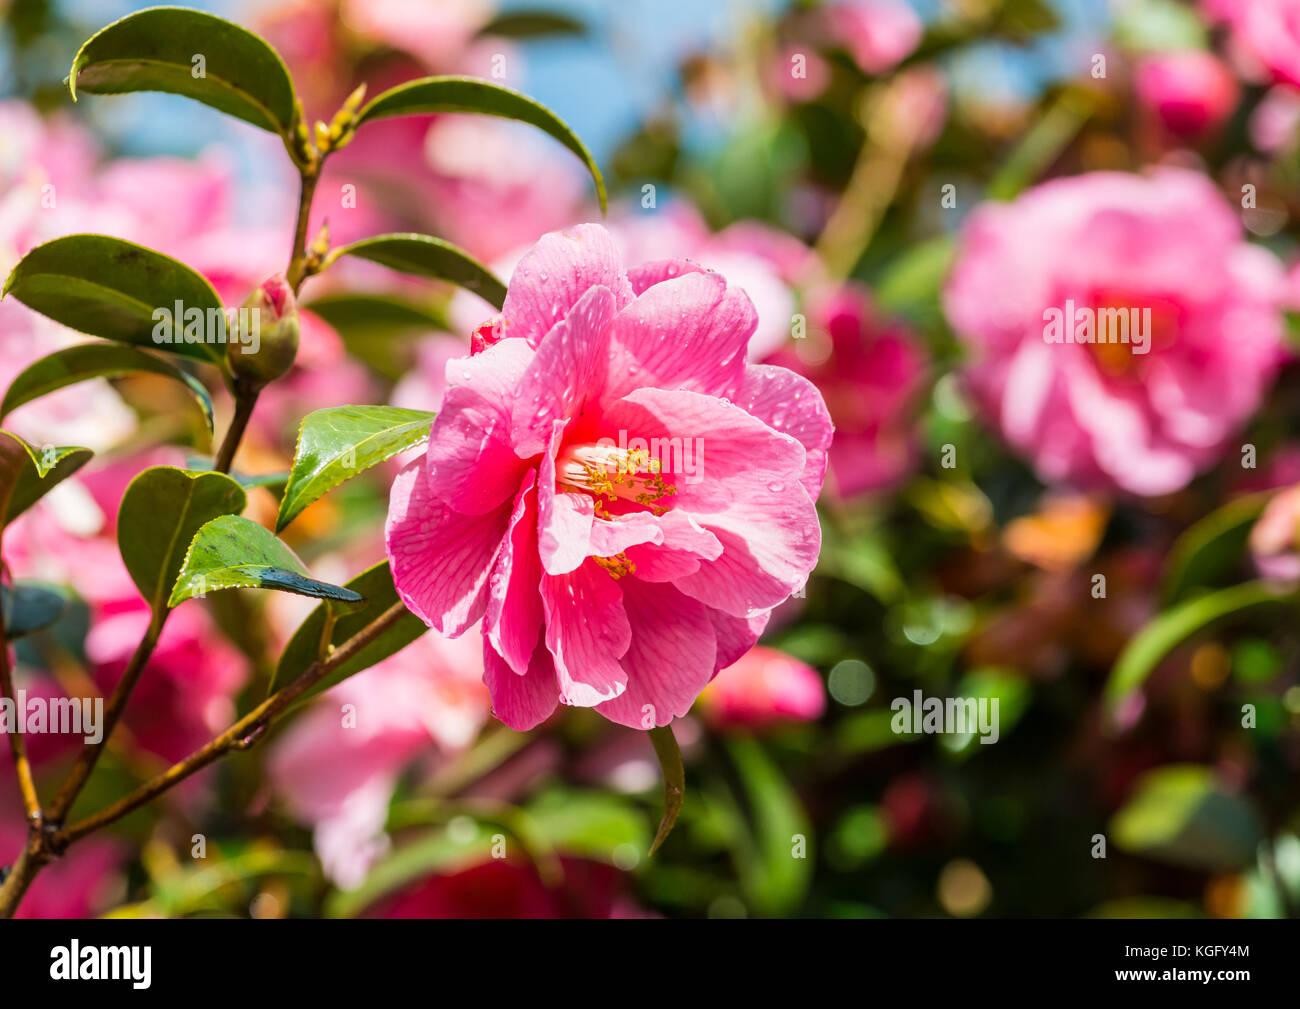 Camellia stock photos camellia stock images alamy - Camelia fotos ...